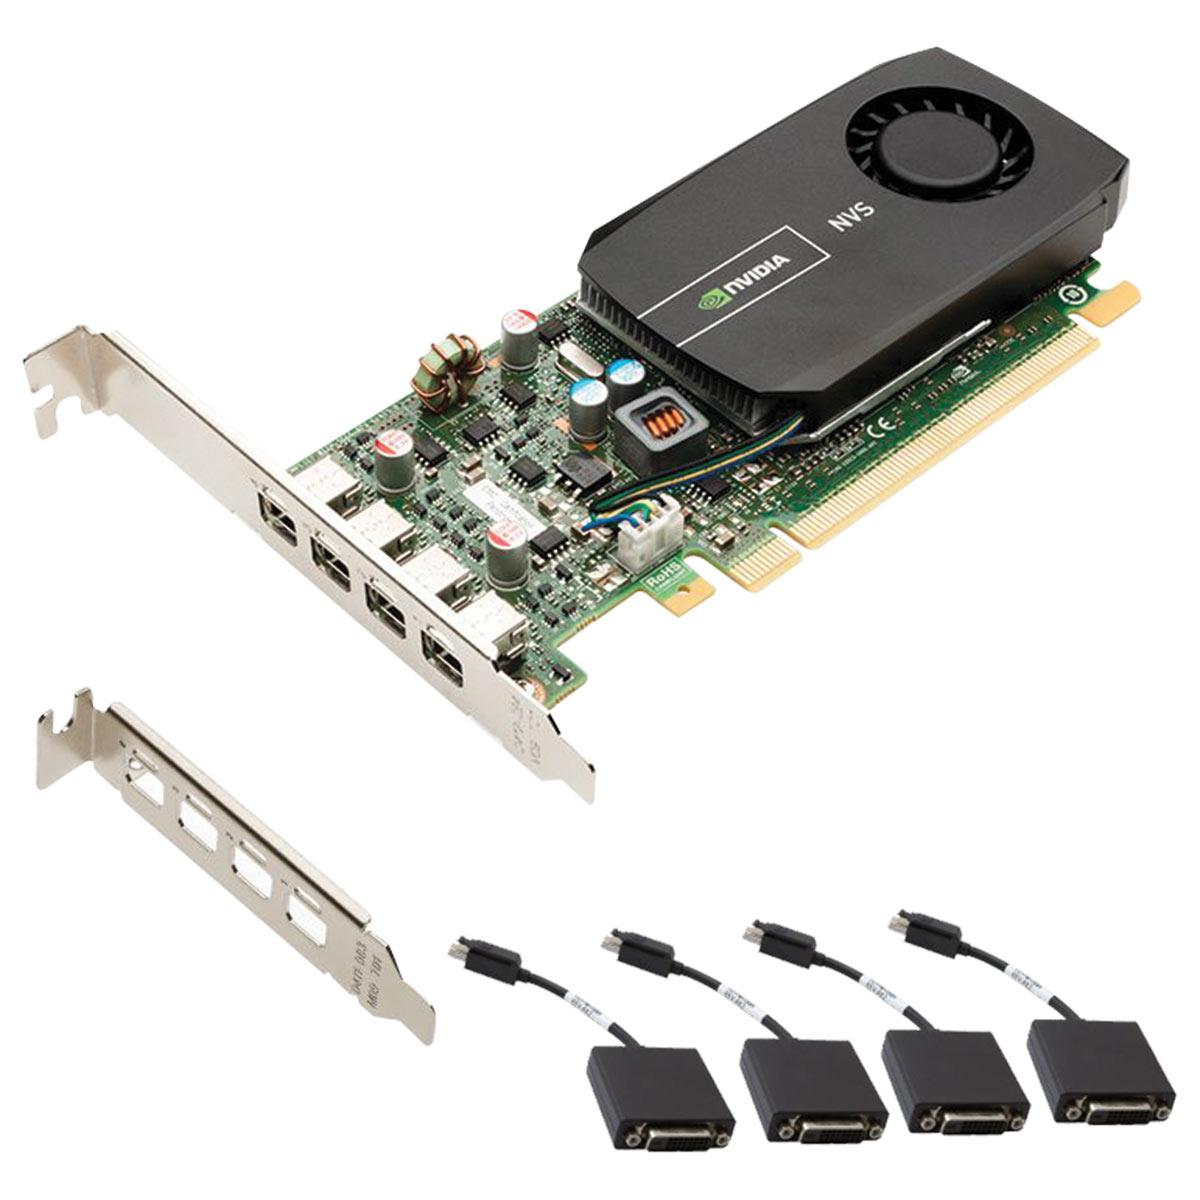 Placa Nvidia Quadro NVS 510 2GB DDR3 128 BITS 4 Mini Display PORT VCNVS510DVI-PB - Suporta ATE 4 MONITORES/TV